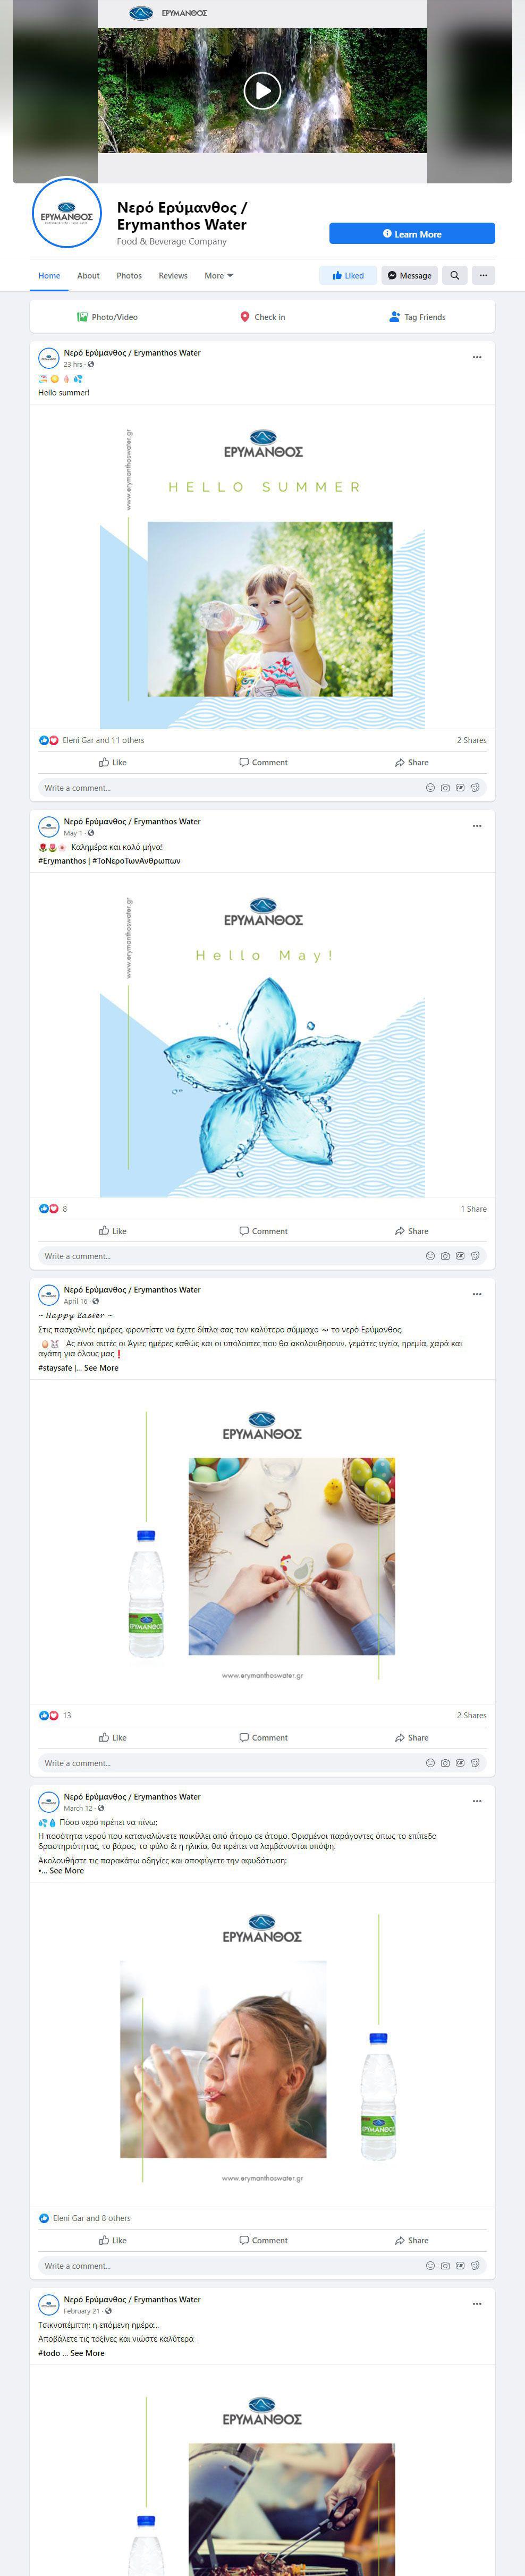 διαχείριση λογαριασμών social media - Erymanthos Water 2